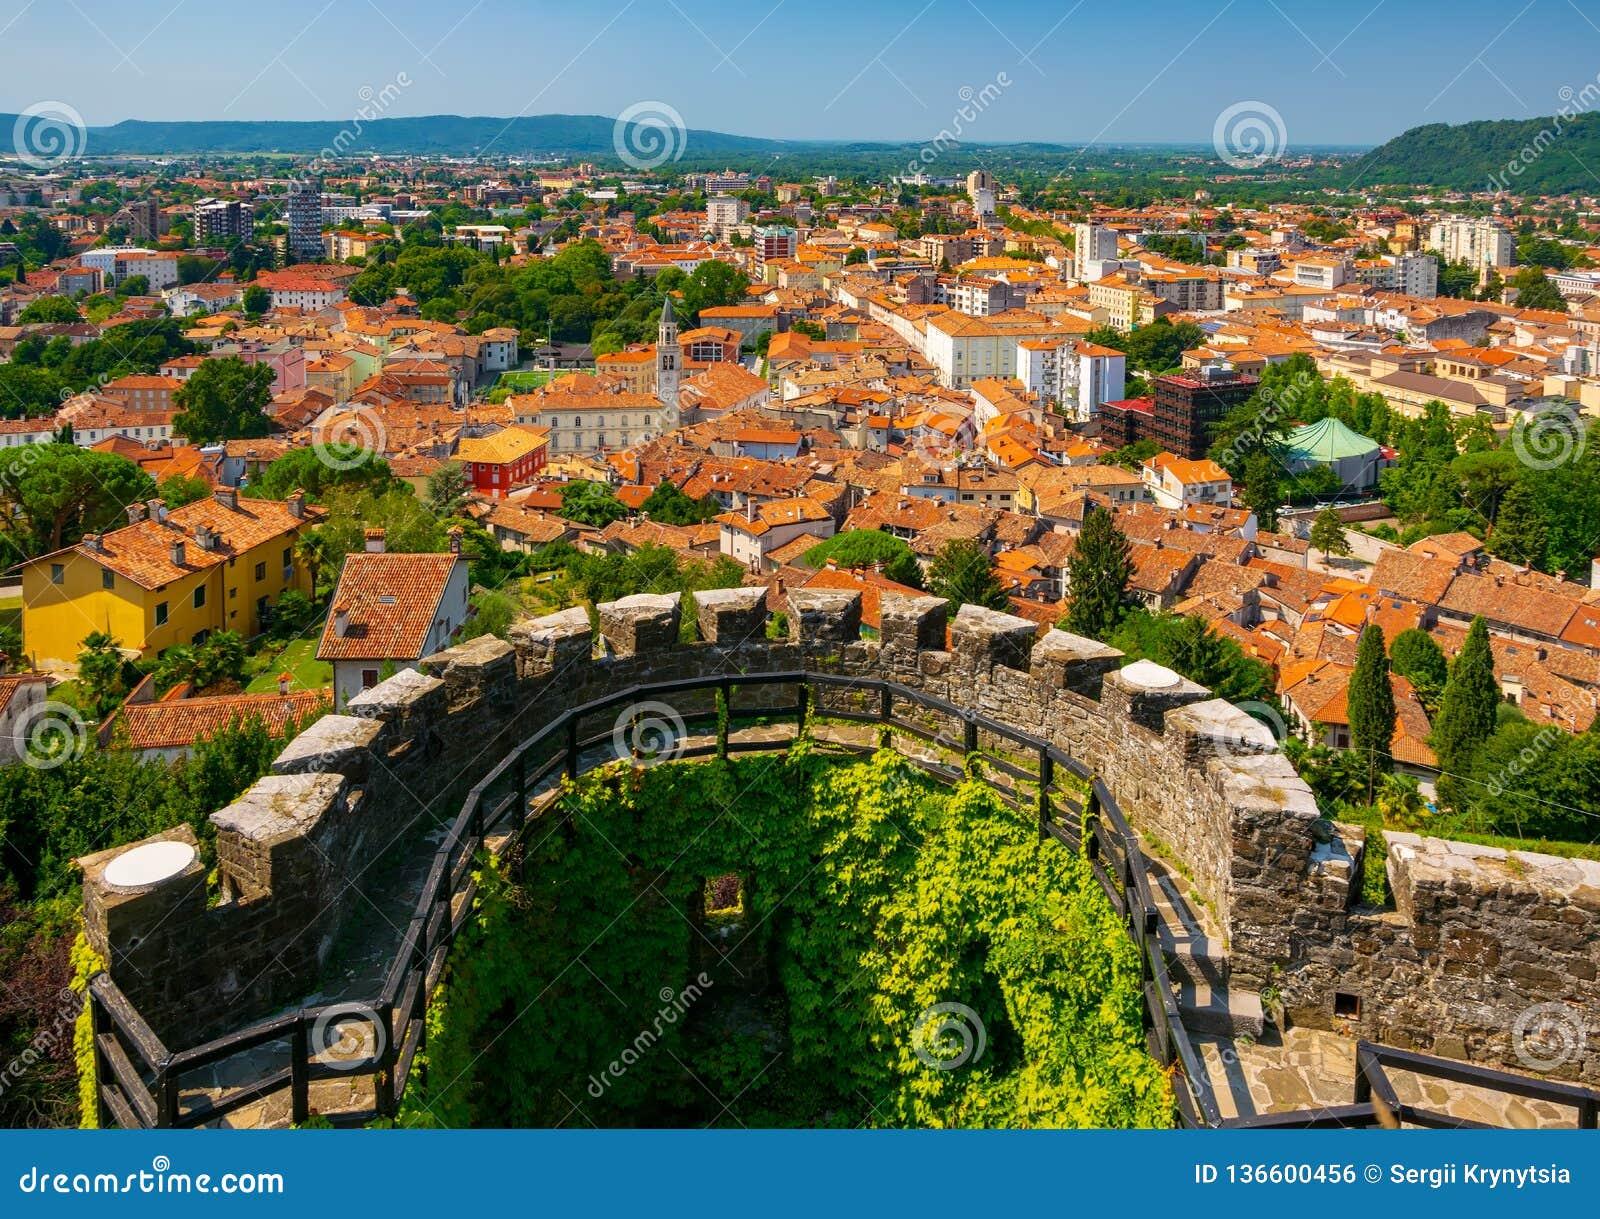 Widok z lotu ptaka centrum miasta Gorizia i kurenda bastion średniowieczny kasztel, Friuli Venezia Giulia, Włochy